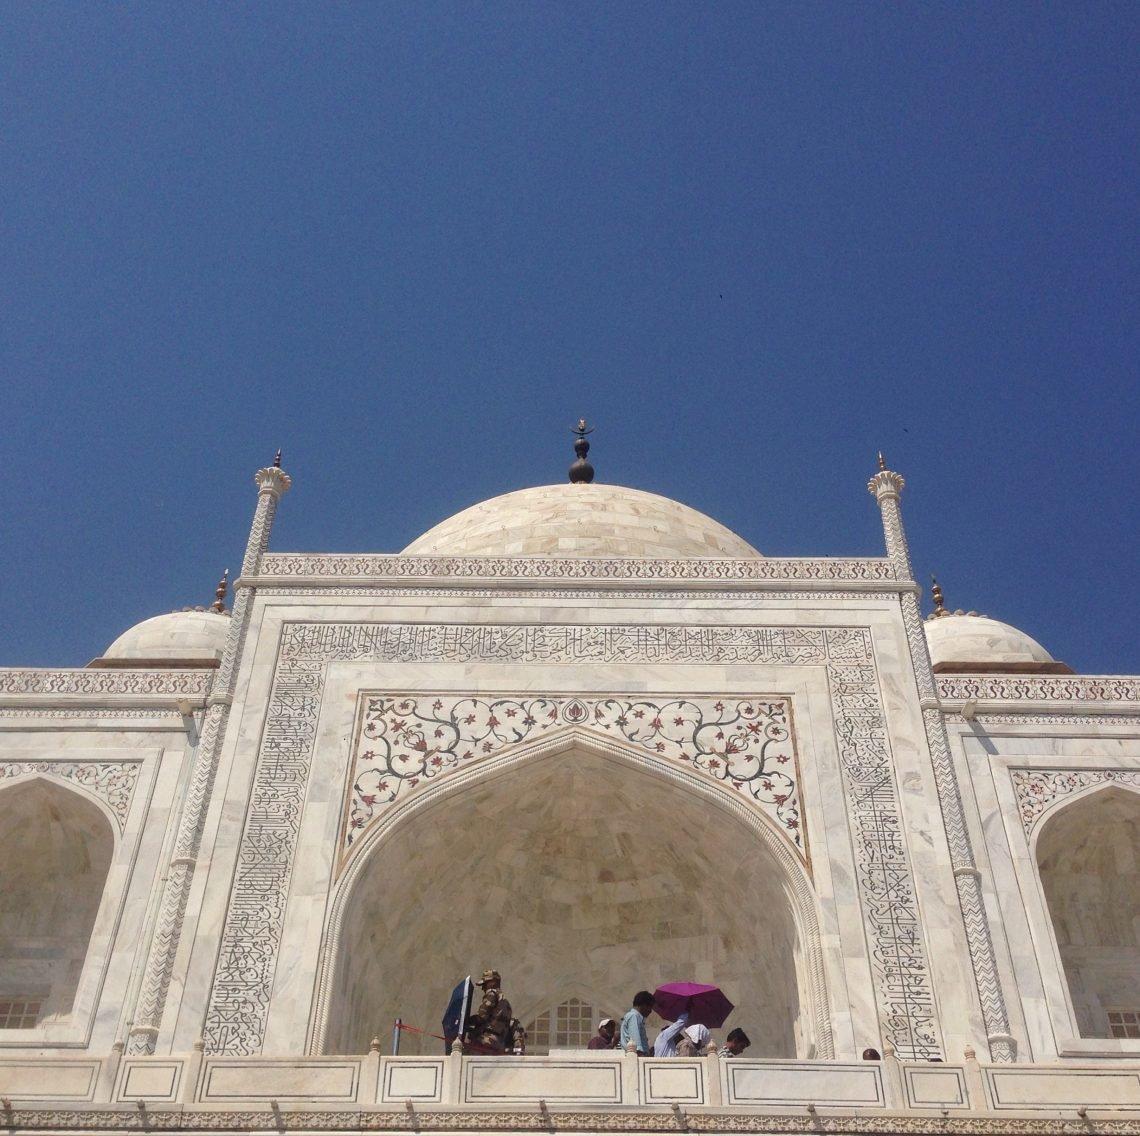 Taj Mahal - Hawa Mahal